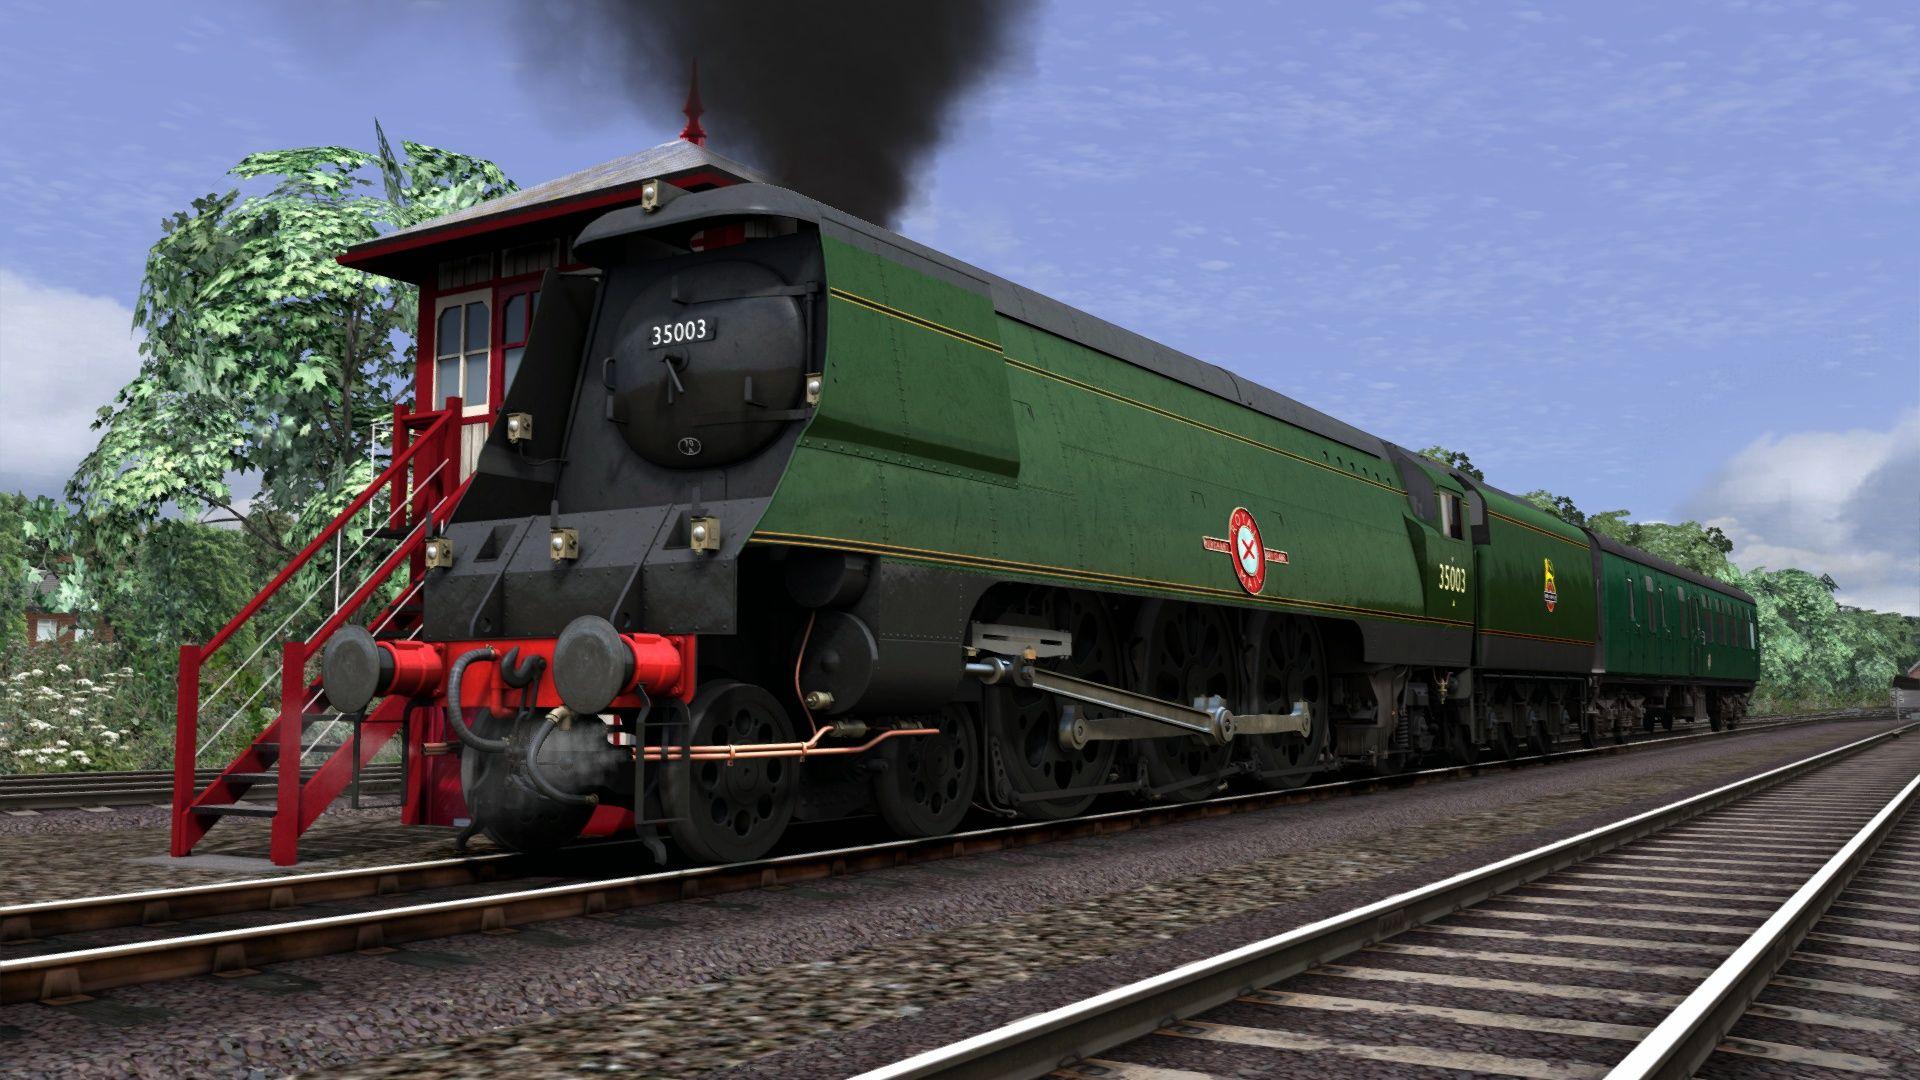 Screenshot_Settle to Carlisle_54.58214--2.48973_17-01-09.jpg